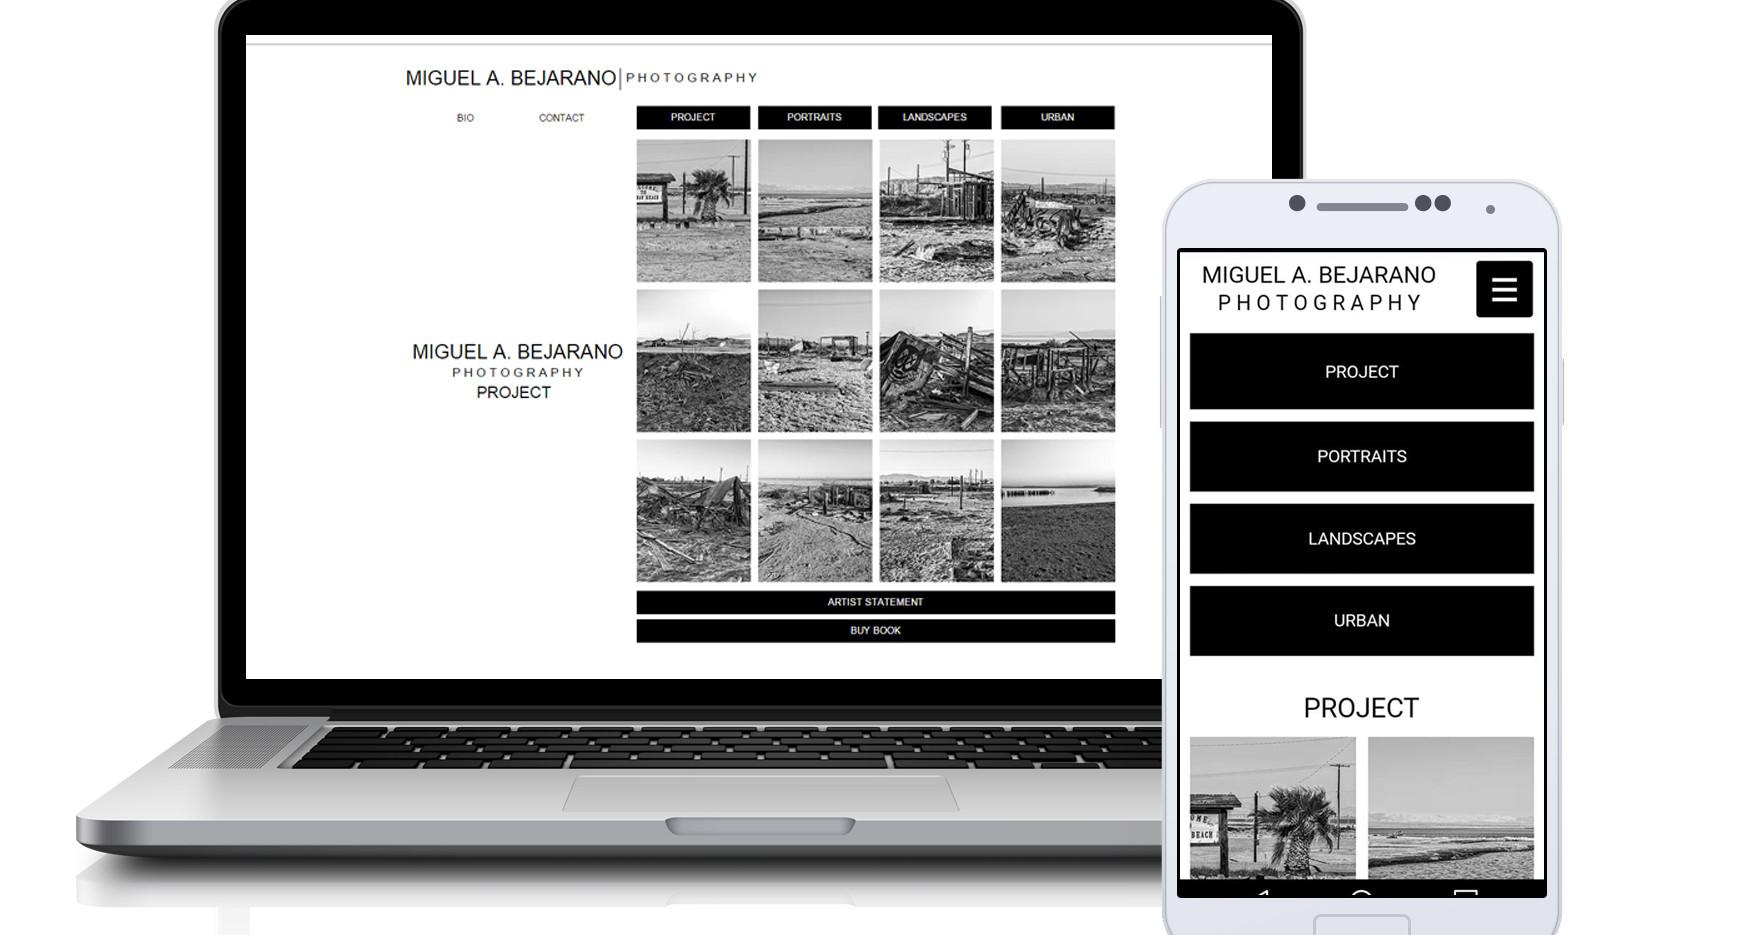 M. A. Bejarano-Portfolio Site